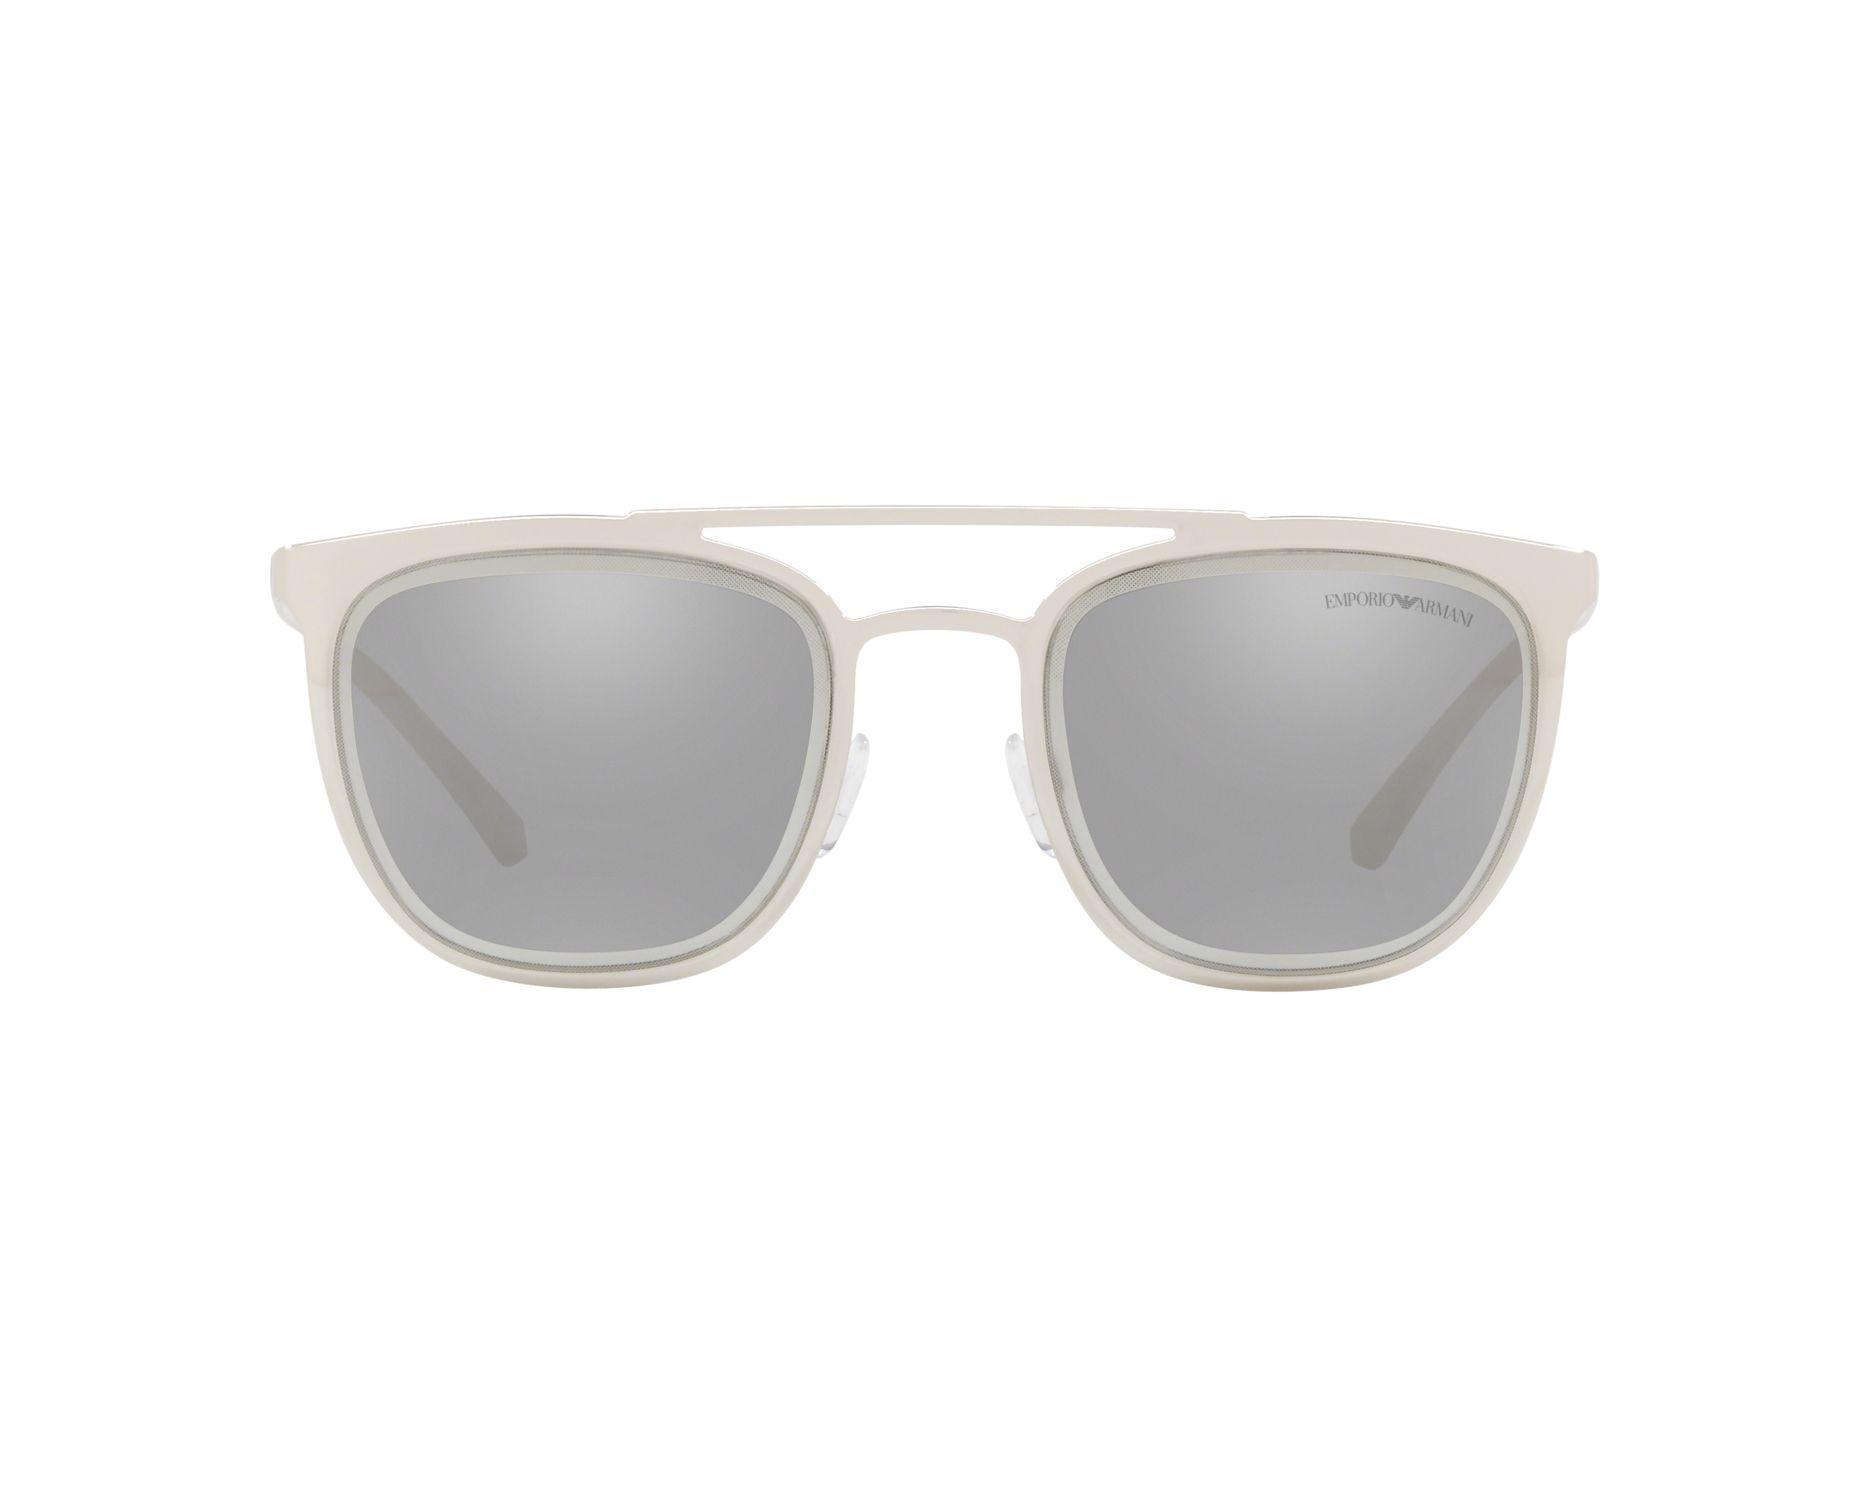 cfc358d35 Sunglasses Emporio Armani EA-2069 30156G 54-21 Silver 360 degree view 1